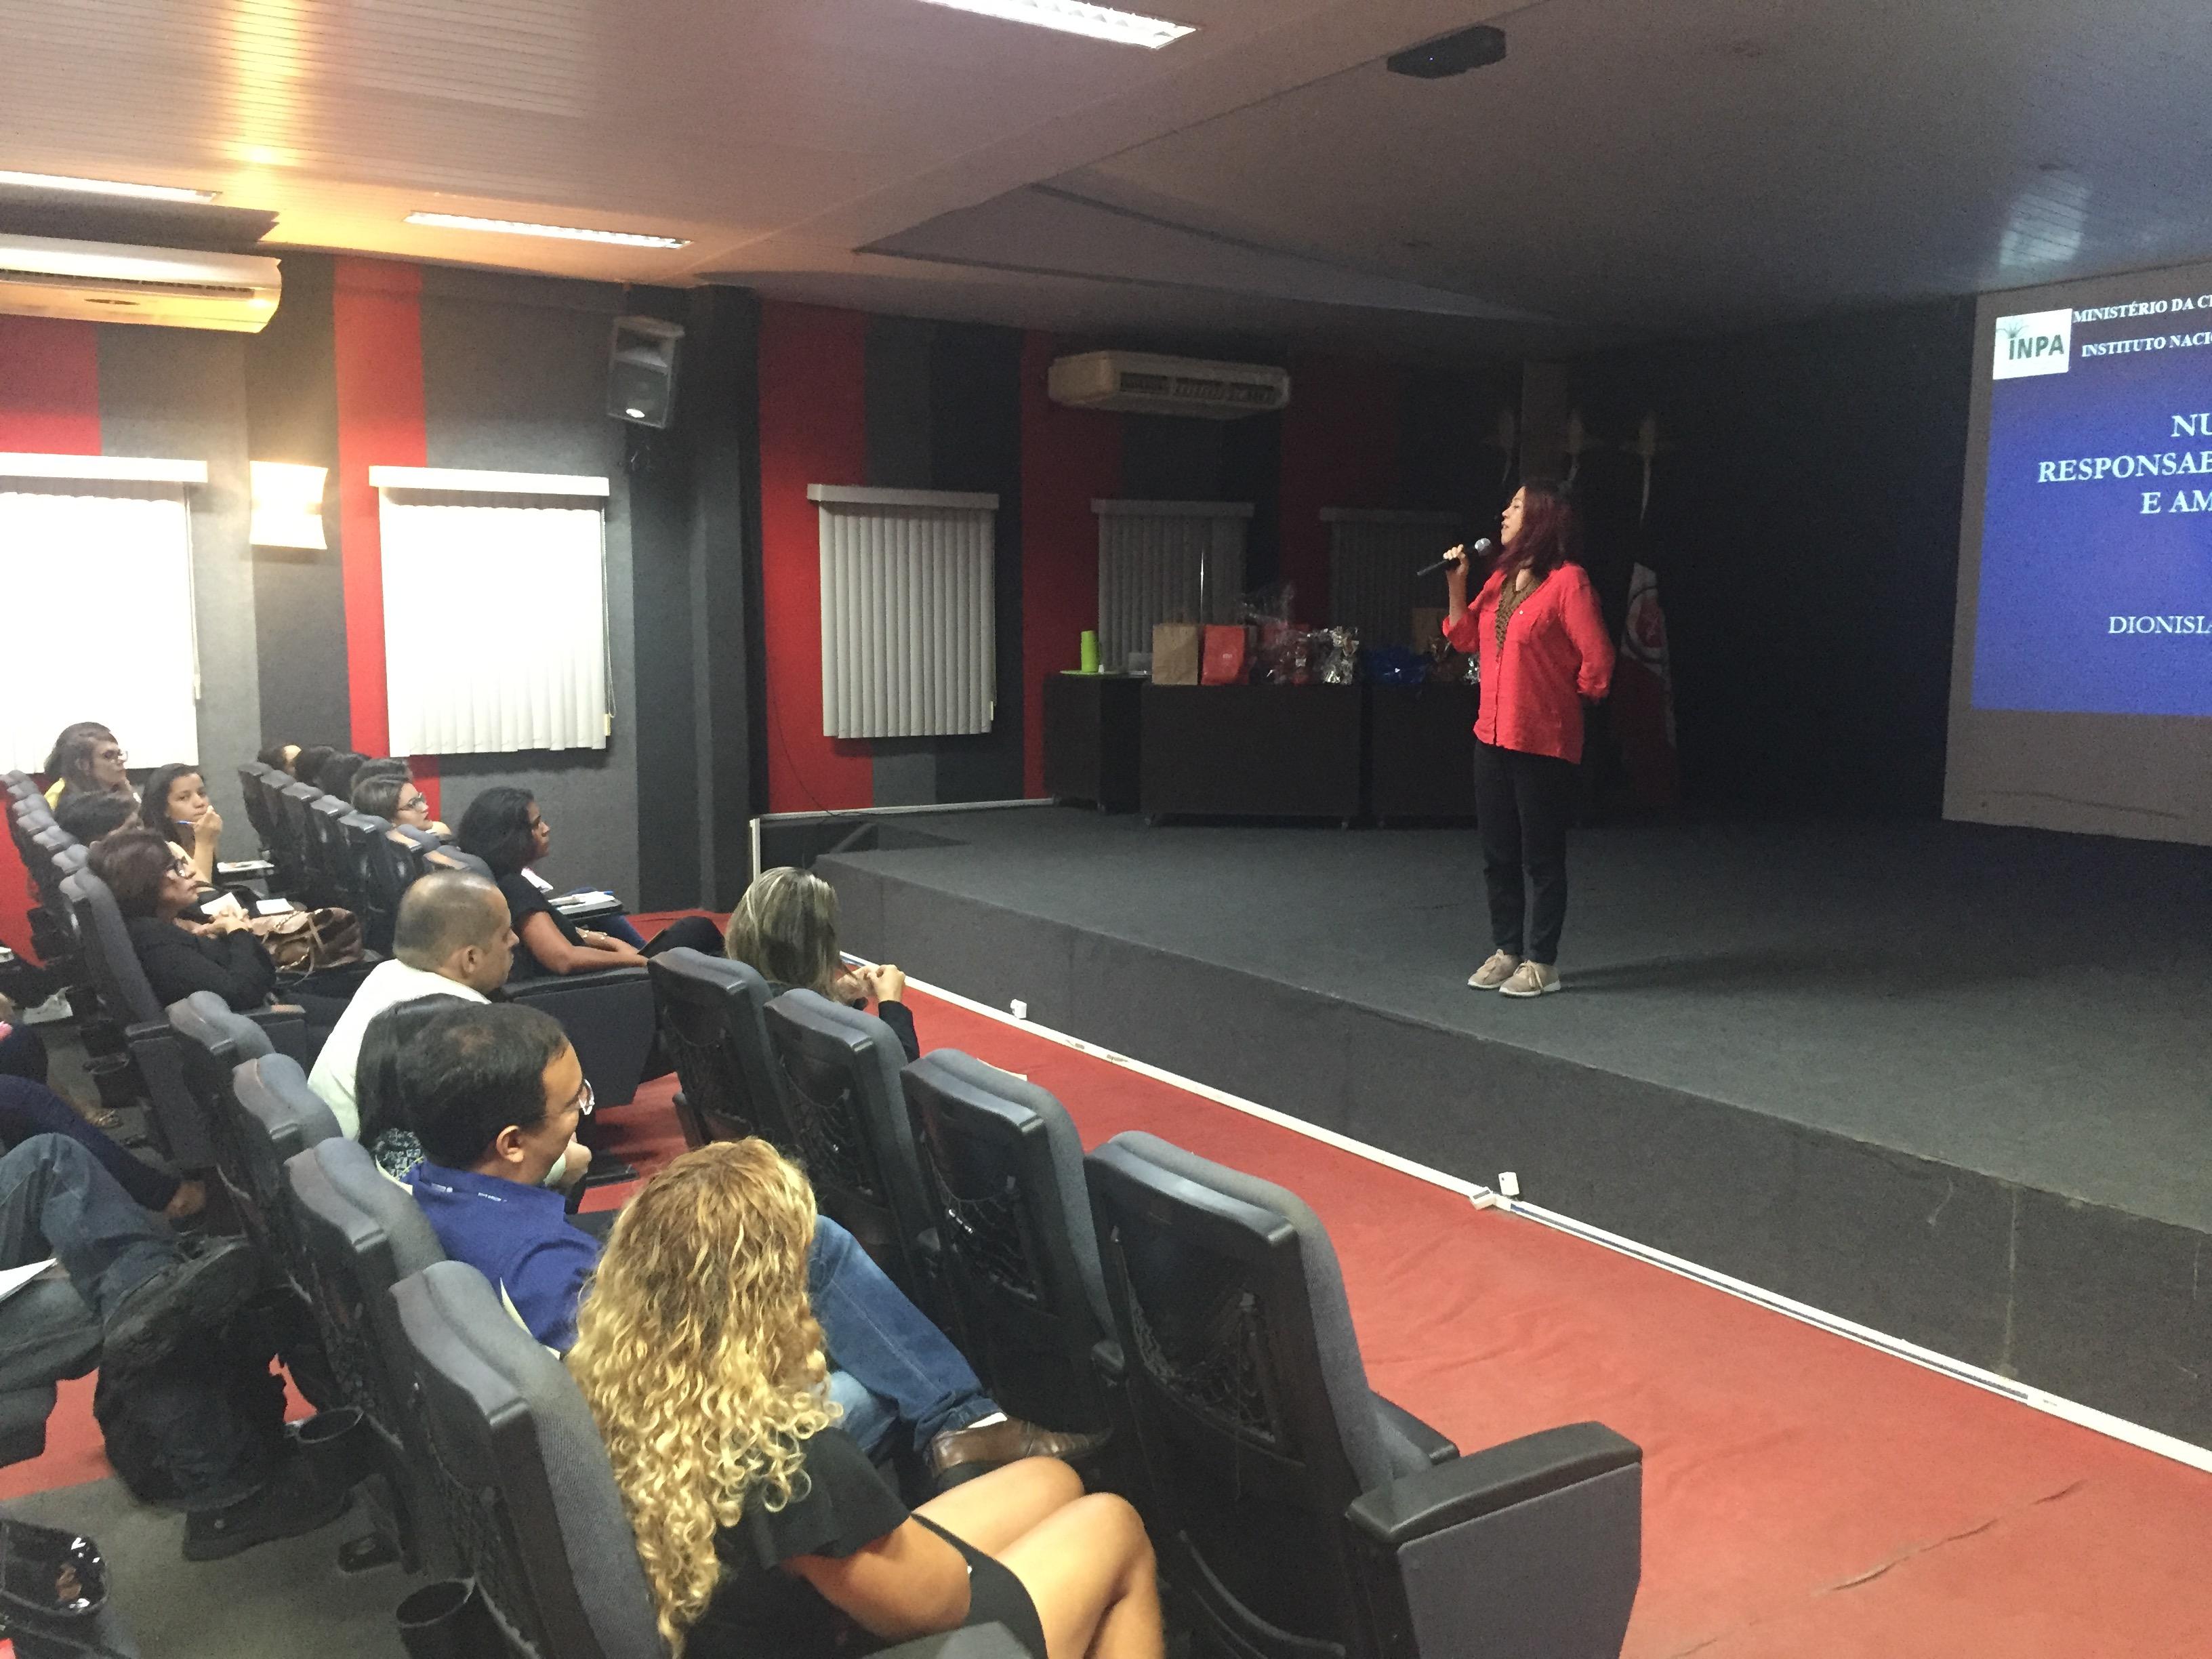 Curso de Nutrição realiza jornada acadêmica no auditório Vânia Pimentel